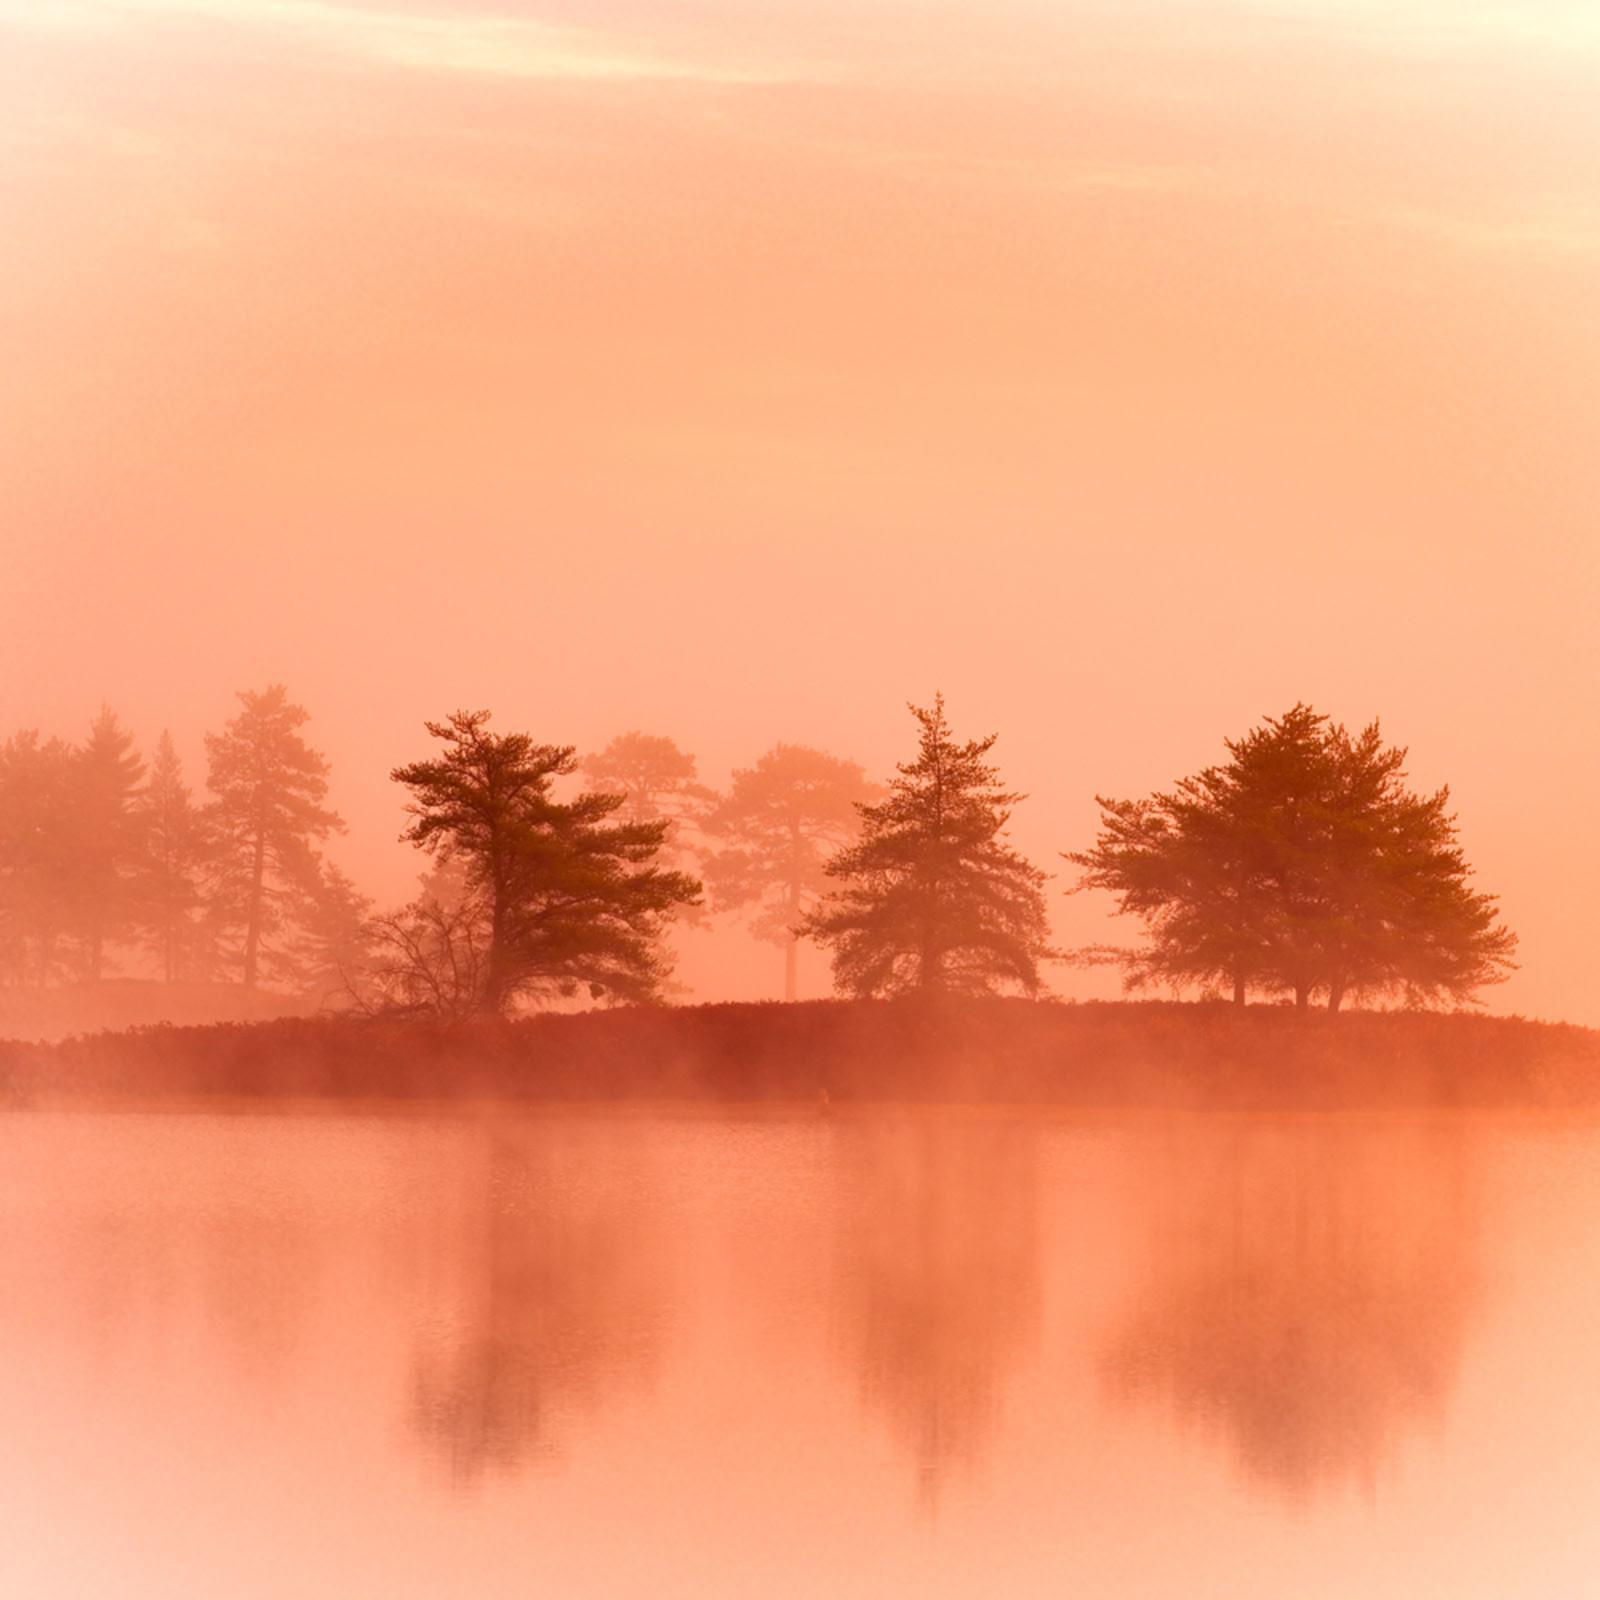 Vanishing mist 24x16 digital image cqgkan